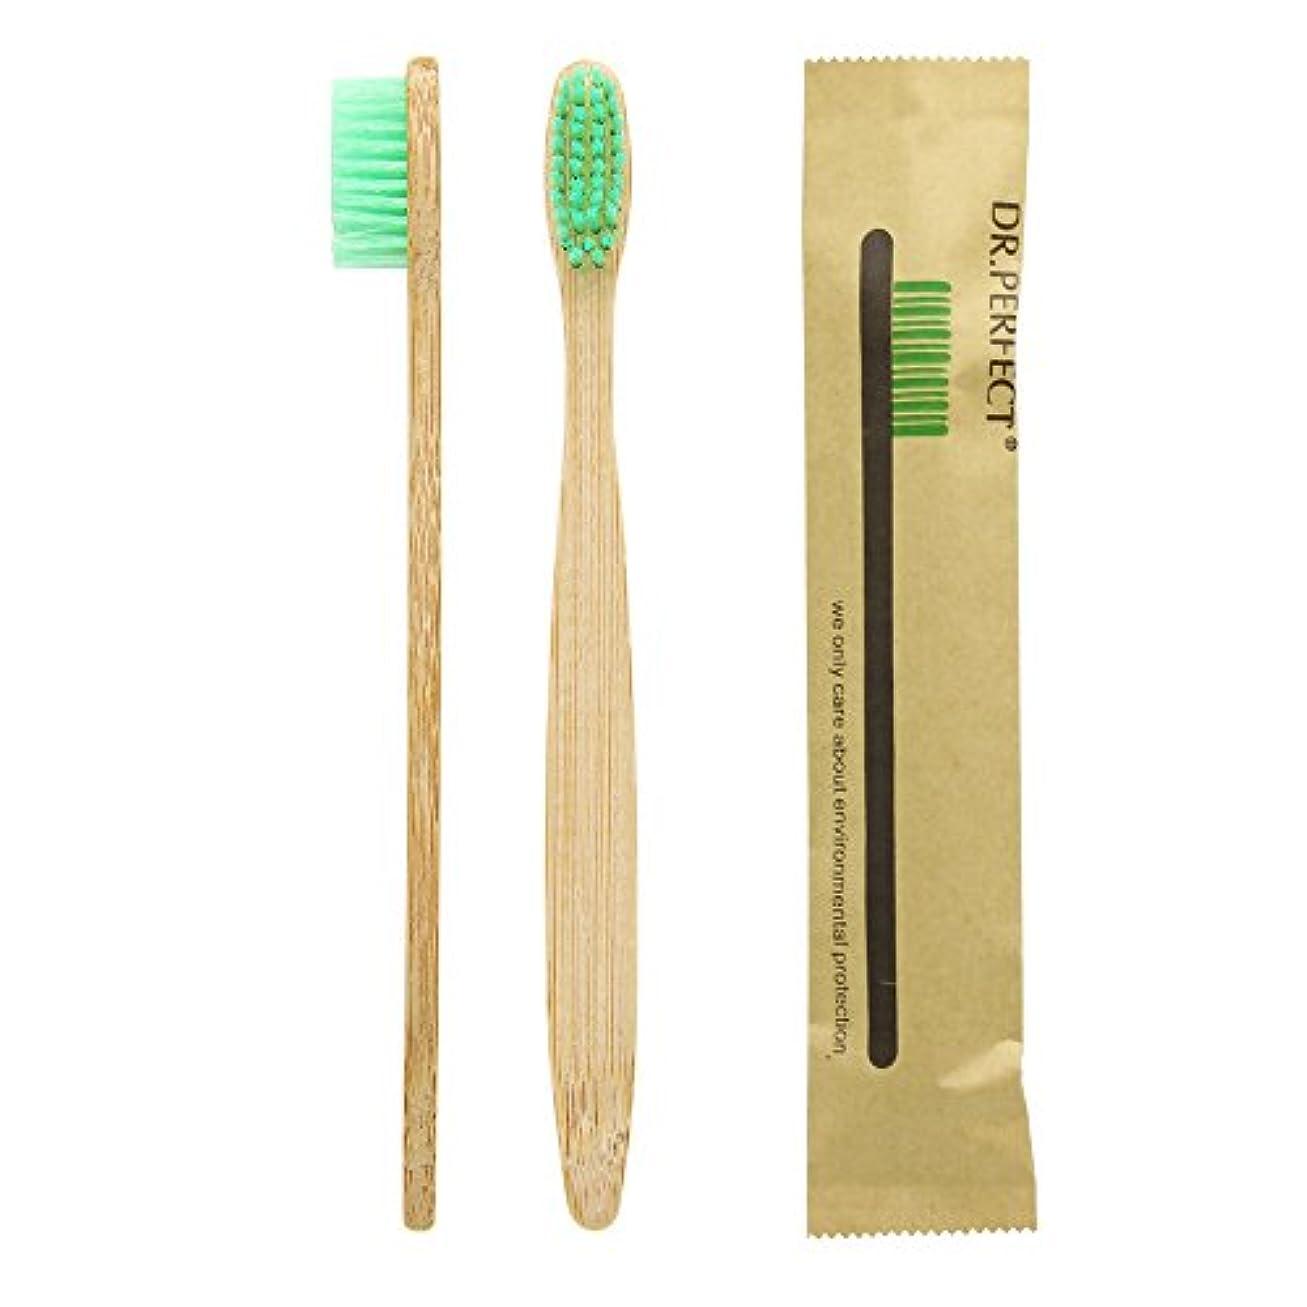 ウイルスプロフェッショナル明確にDr.Perfect歯ブラシ竹歯ブラシアダルト竹の歯ブラシ ナイロン毛 環境保護の歯ブラシ (グリーン)